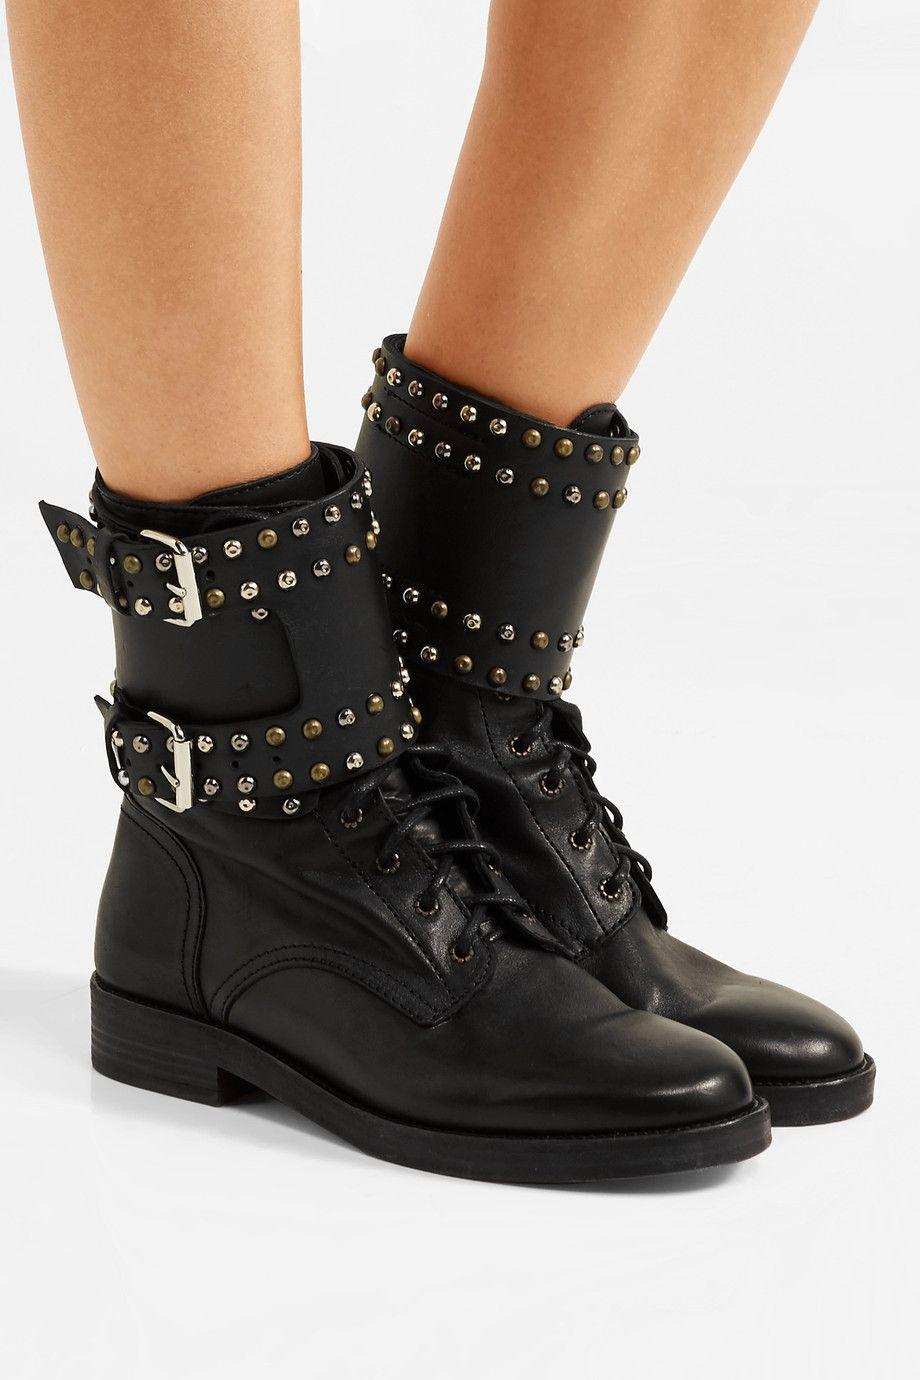 Rivet cristal embellie bout rond talon bas lacets femmes bottes de moto croisées noir occasionnel femelle sexy bottines